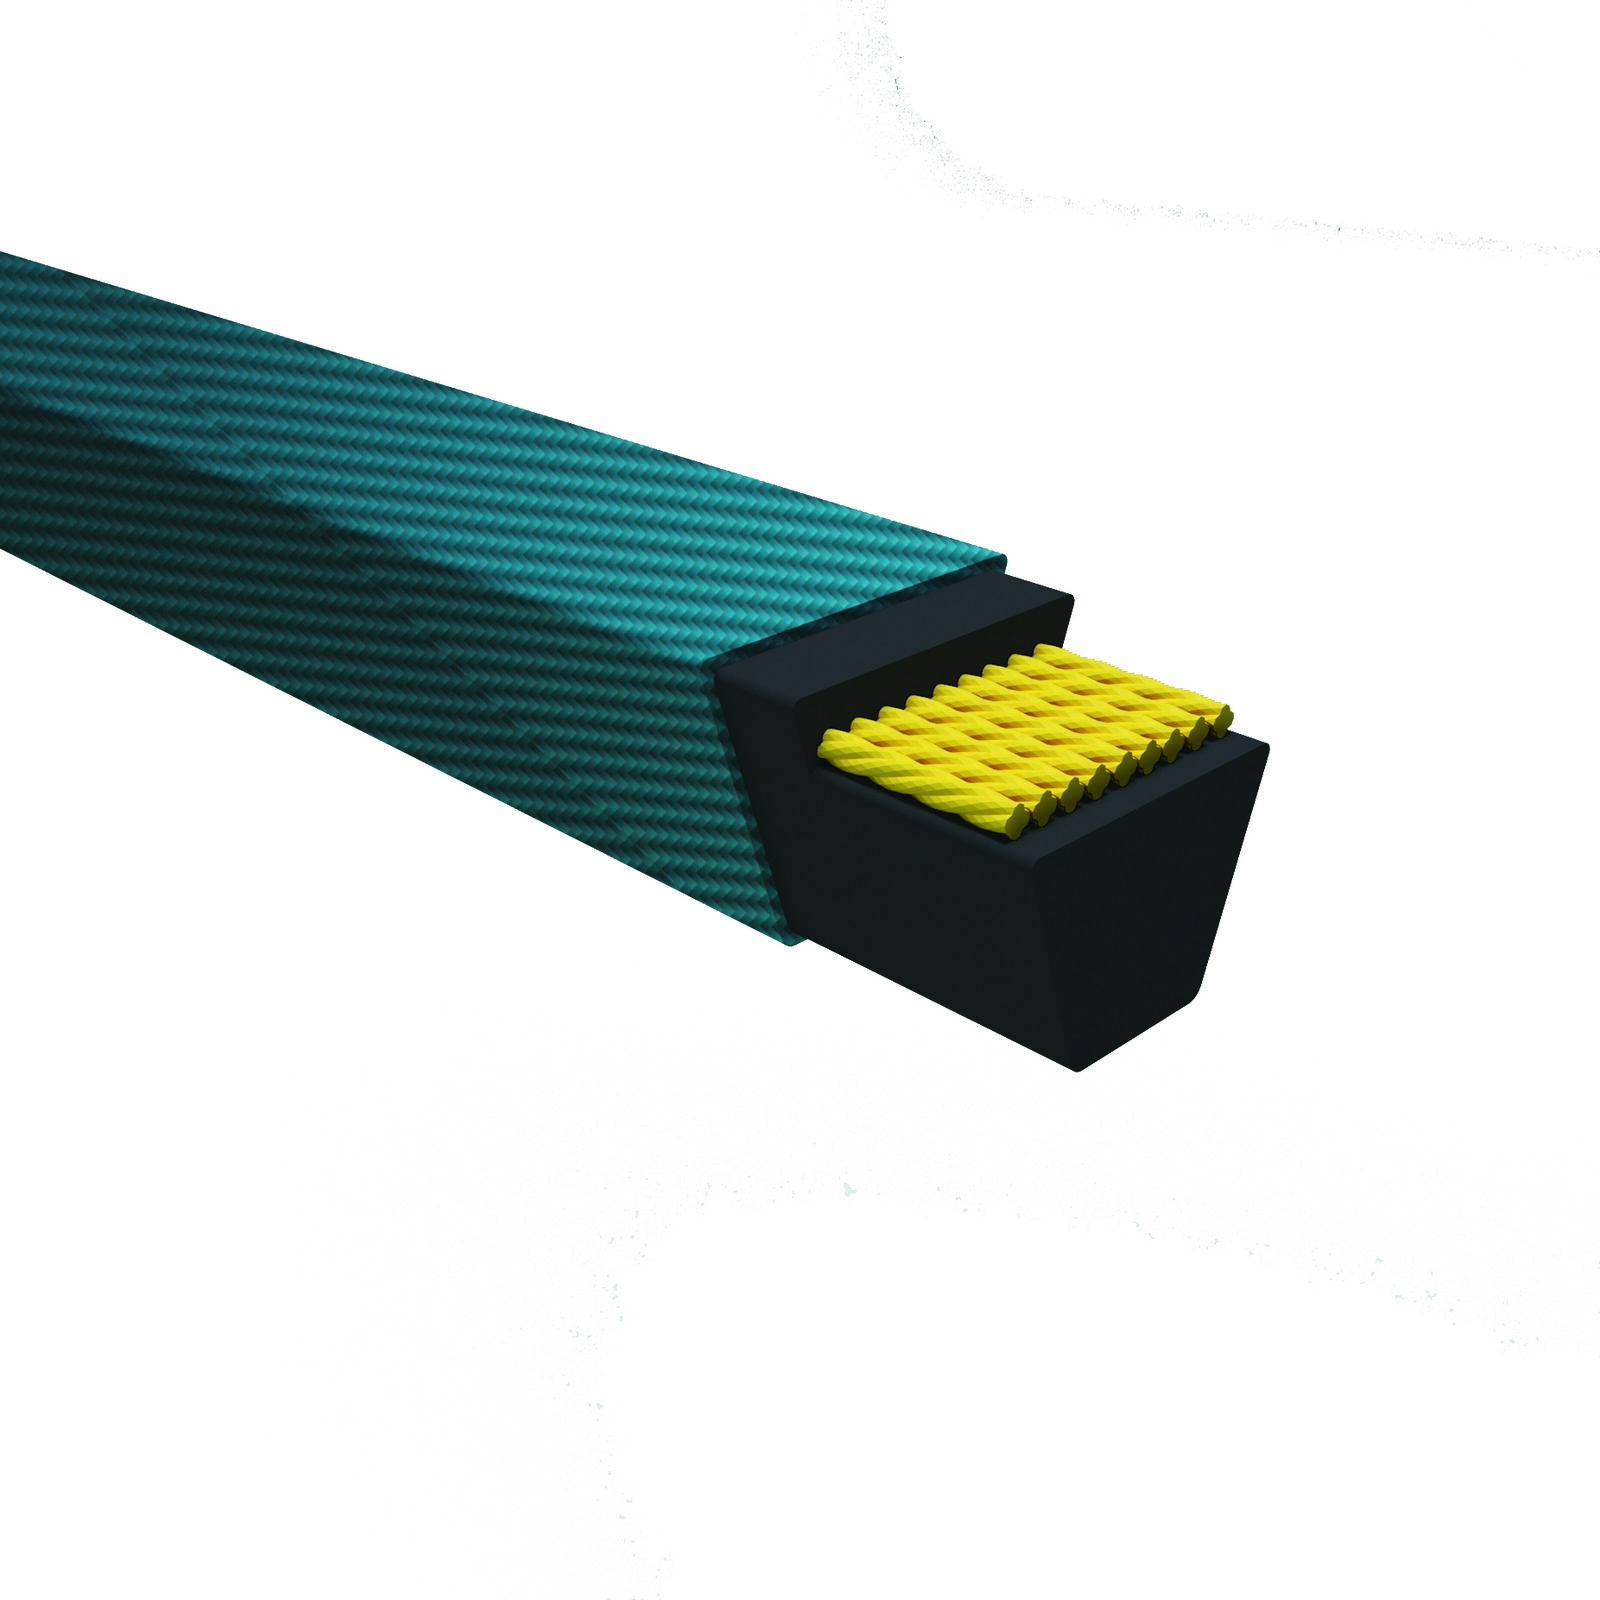 D/&D PowerDrive A63 Napa Automotive Replacement Belt